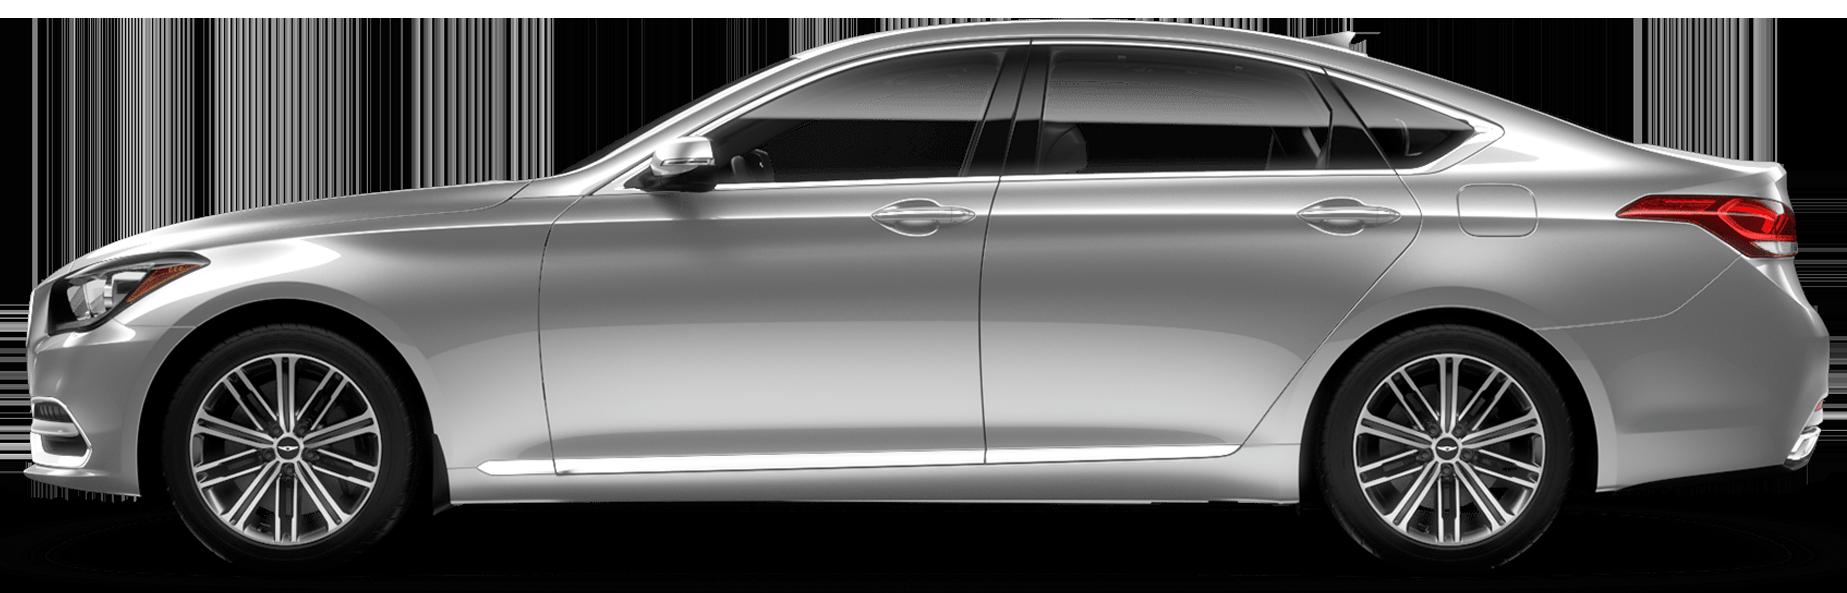 2019 Genesis G80 Sedan Digital Showroom Crown Genesis